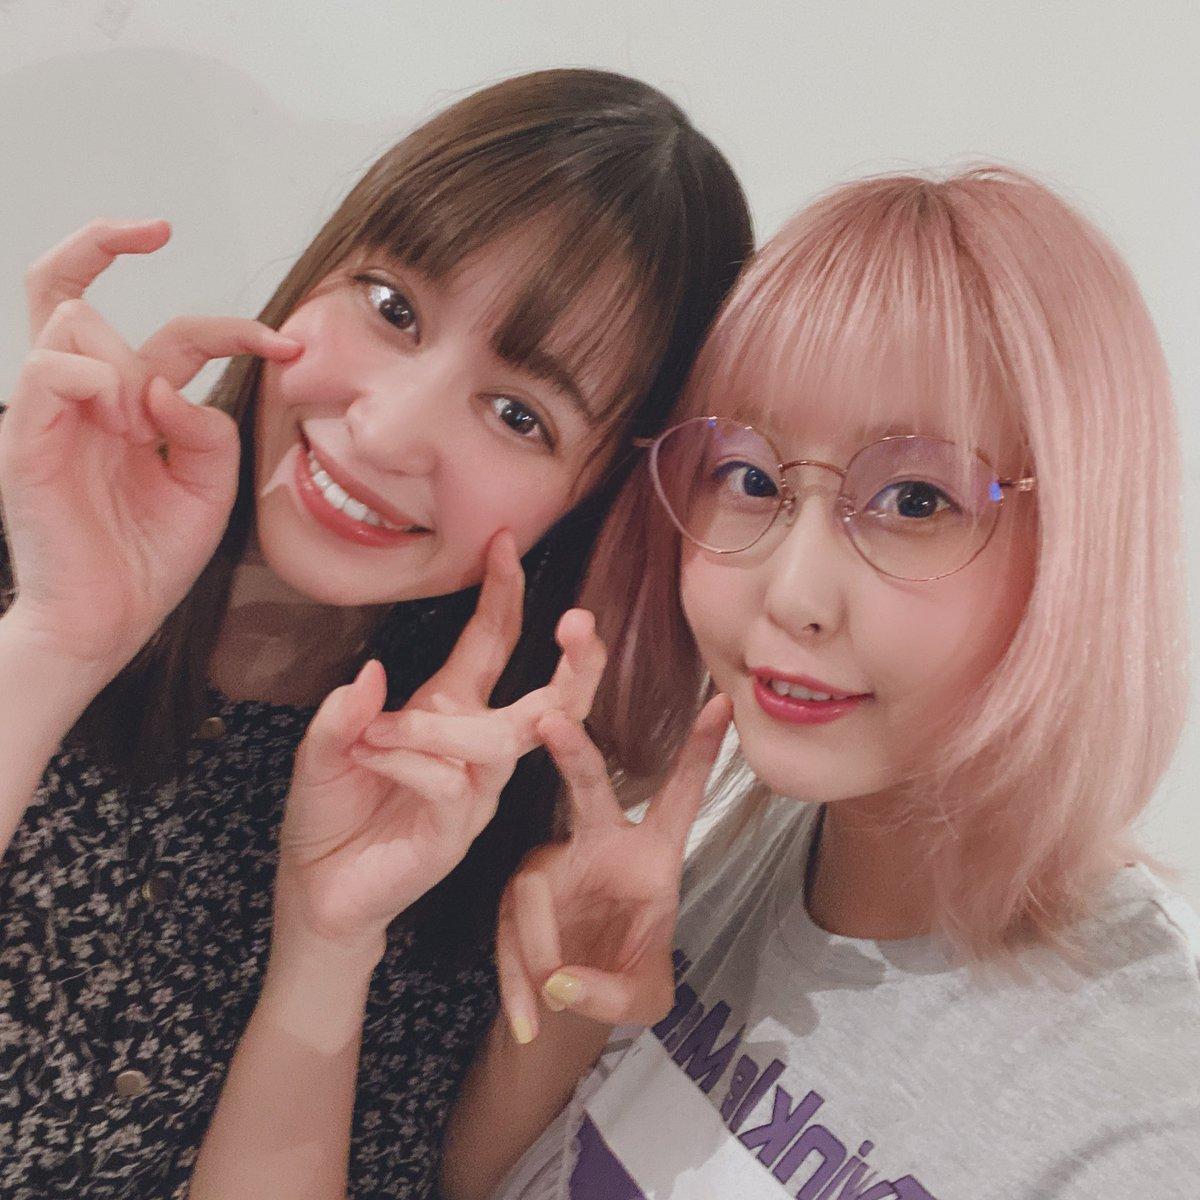 """木村千咲 / 群咲 on Twitter: """"森木村でごはん〜 ミユと空子のお誕生日 ..."""